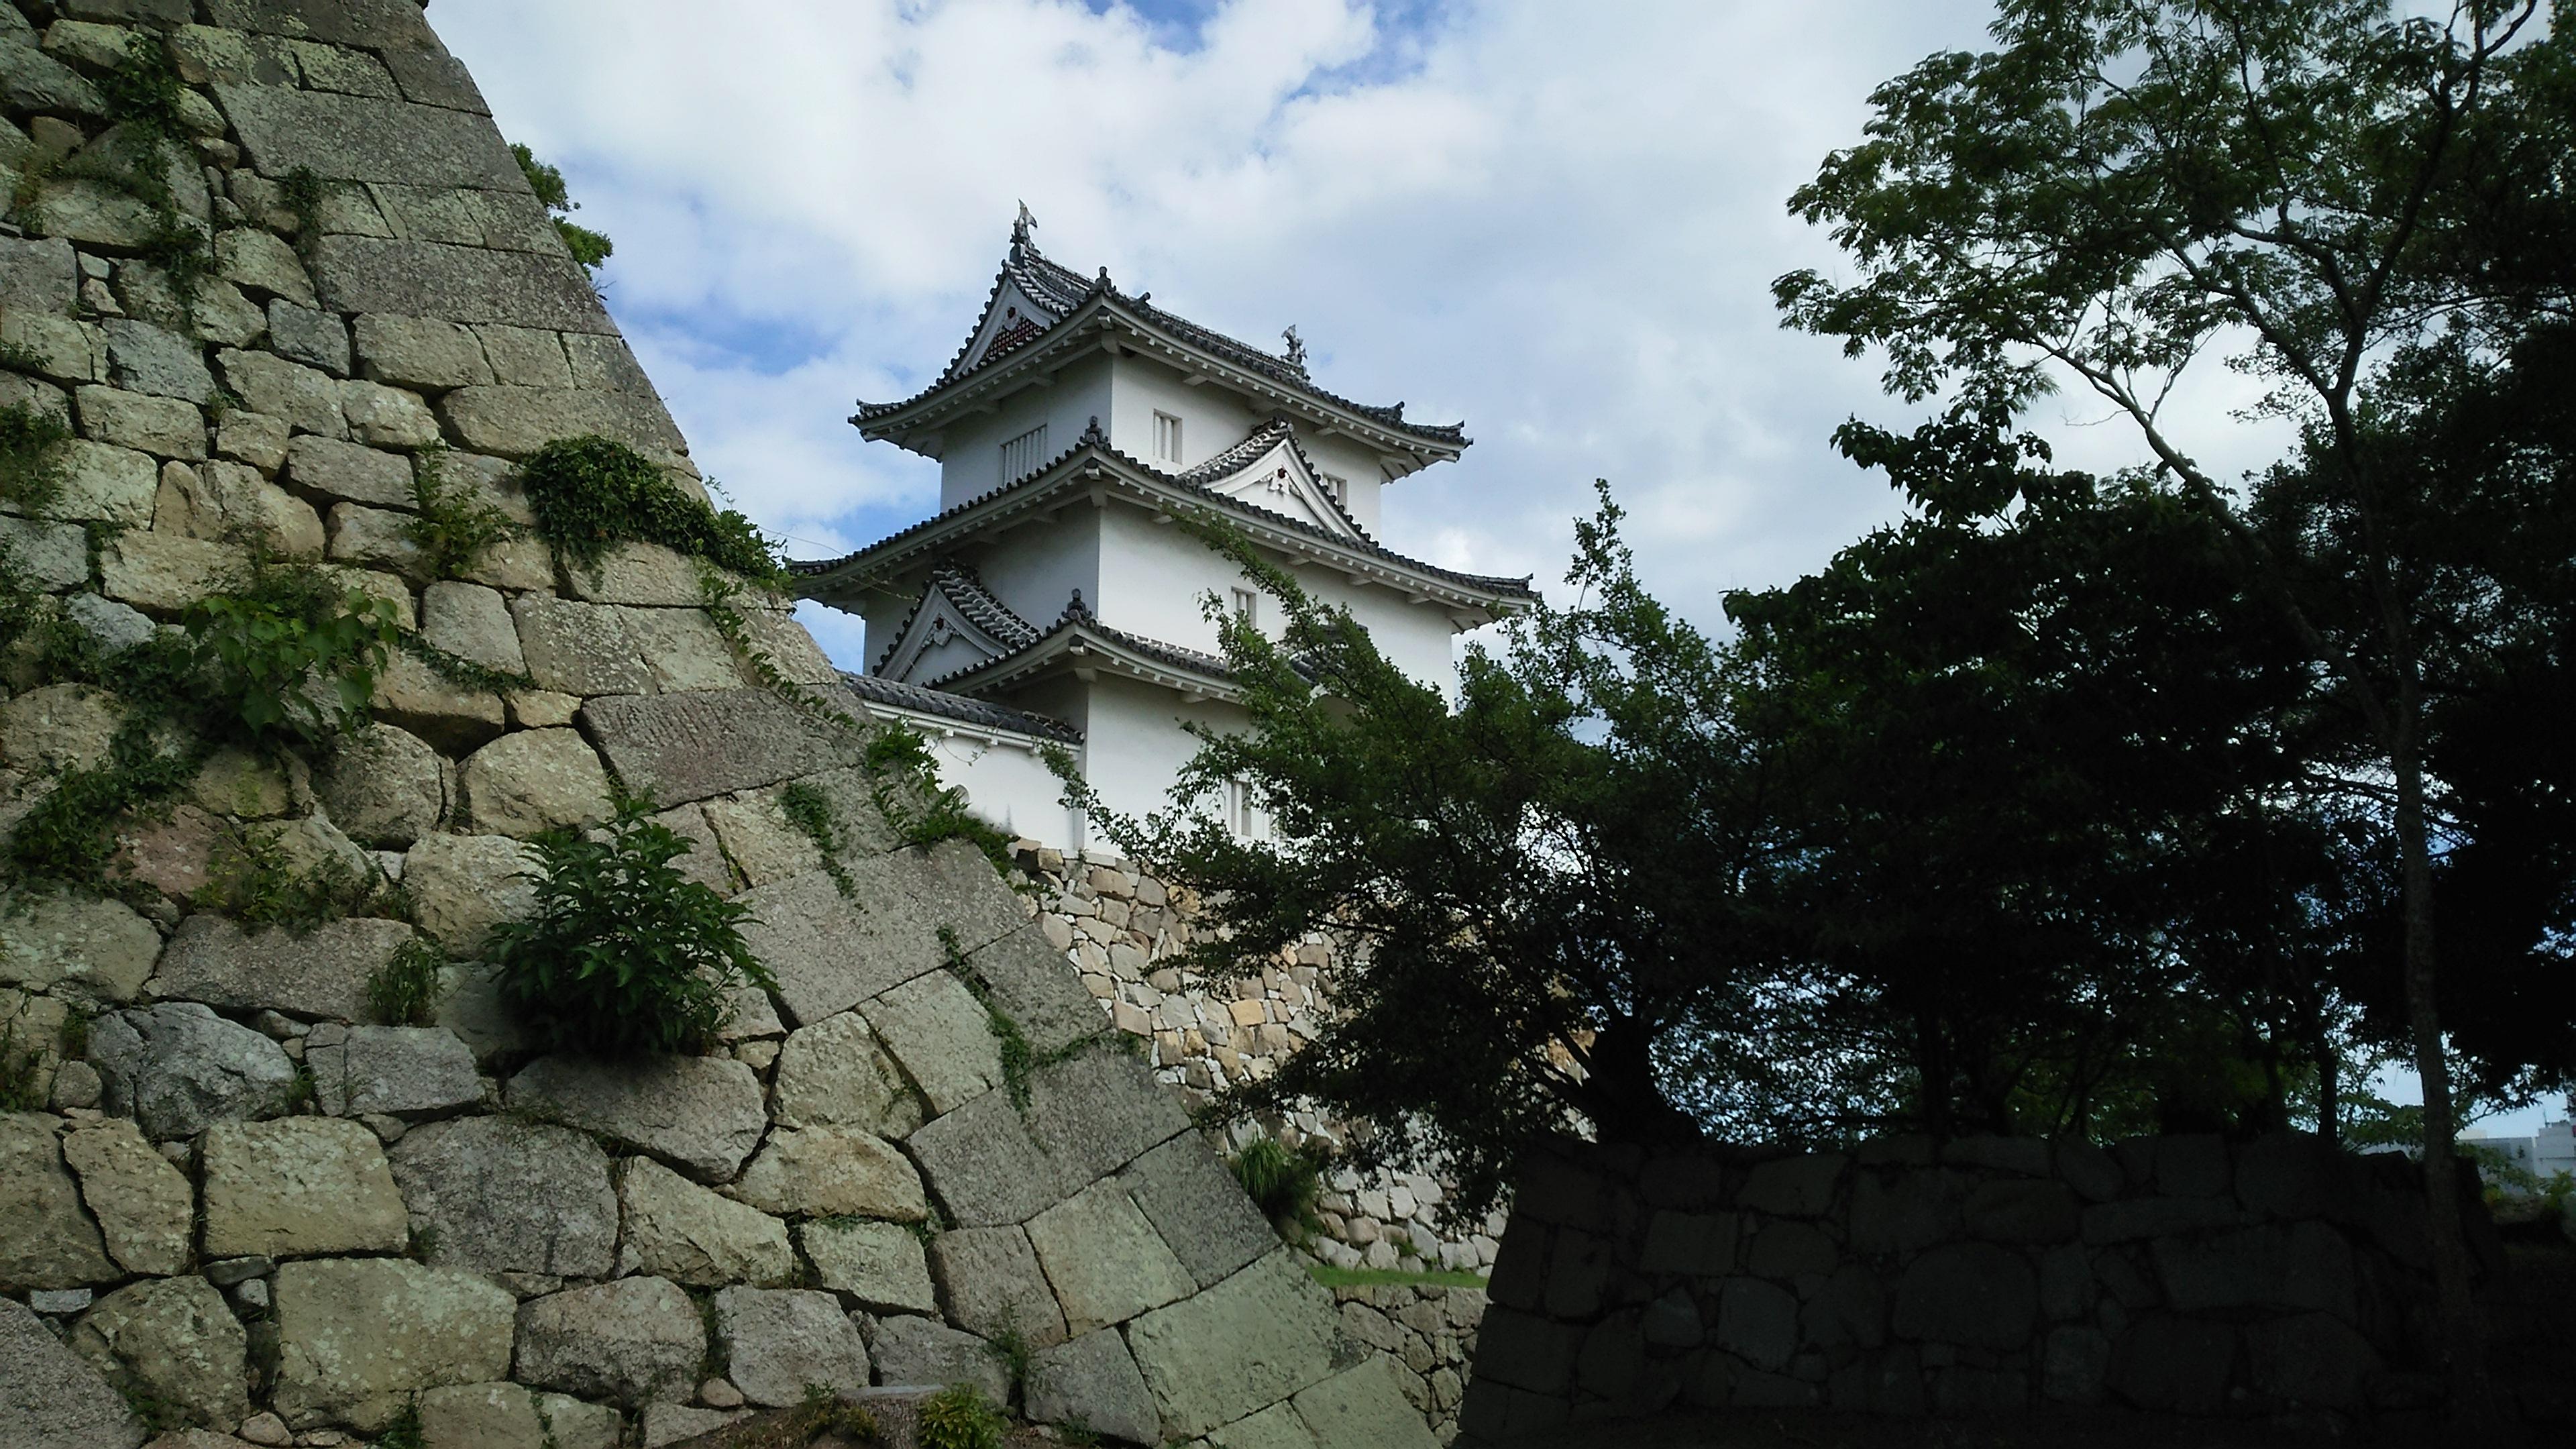 富田林,大阪狭山市でお住まいでお城周りをしたい方は足腰の不安を解消してから楽しみましょう!